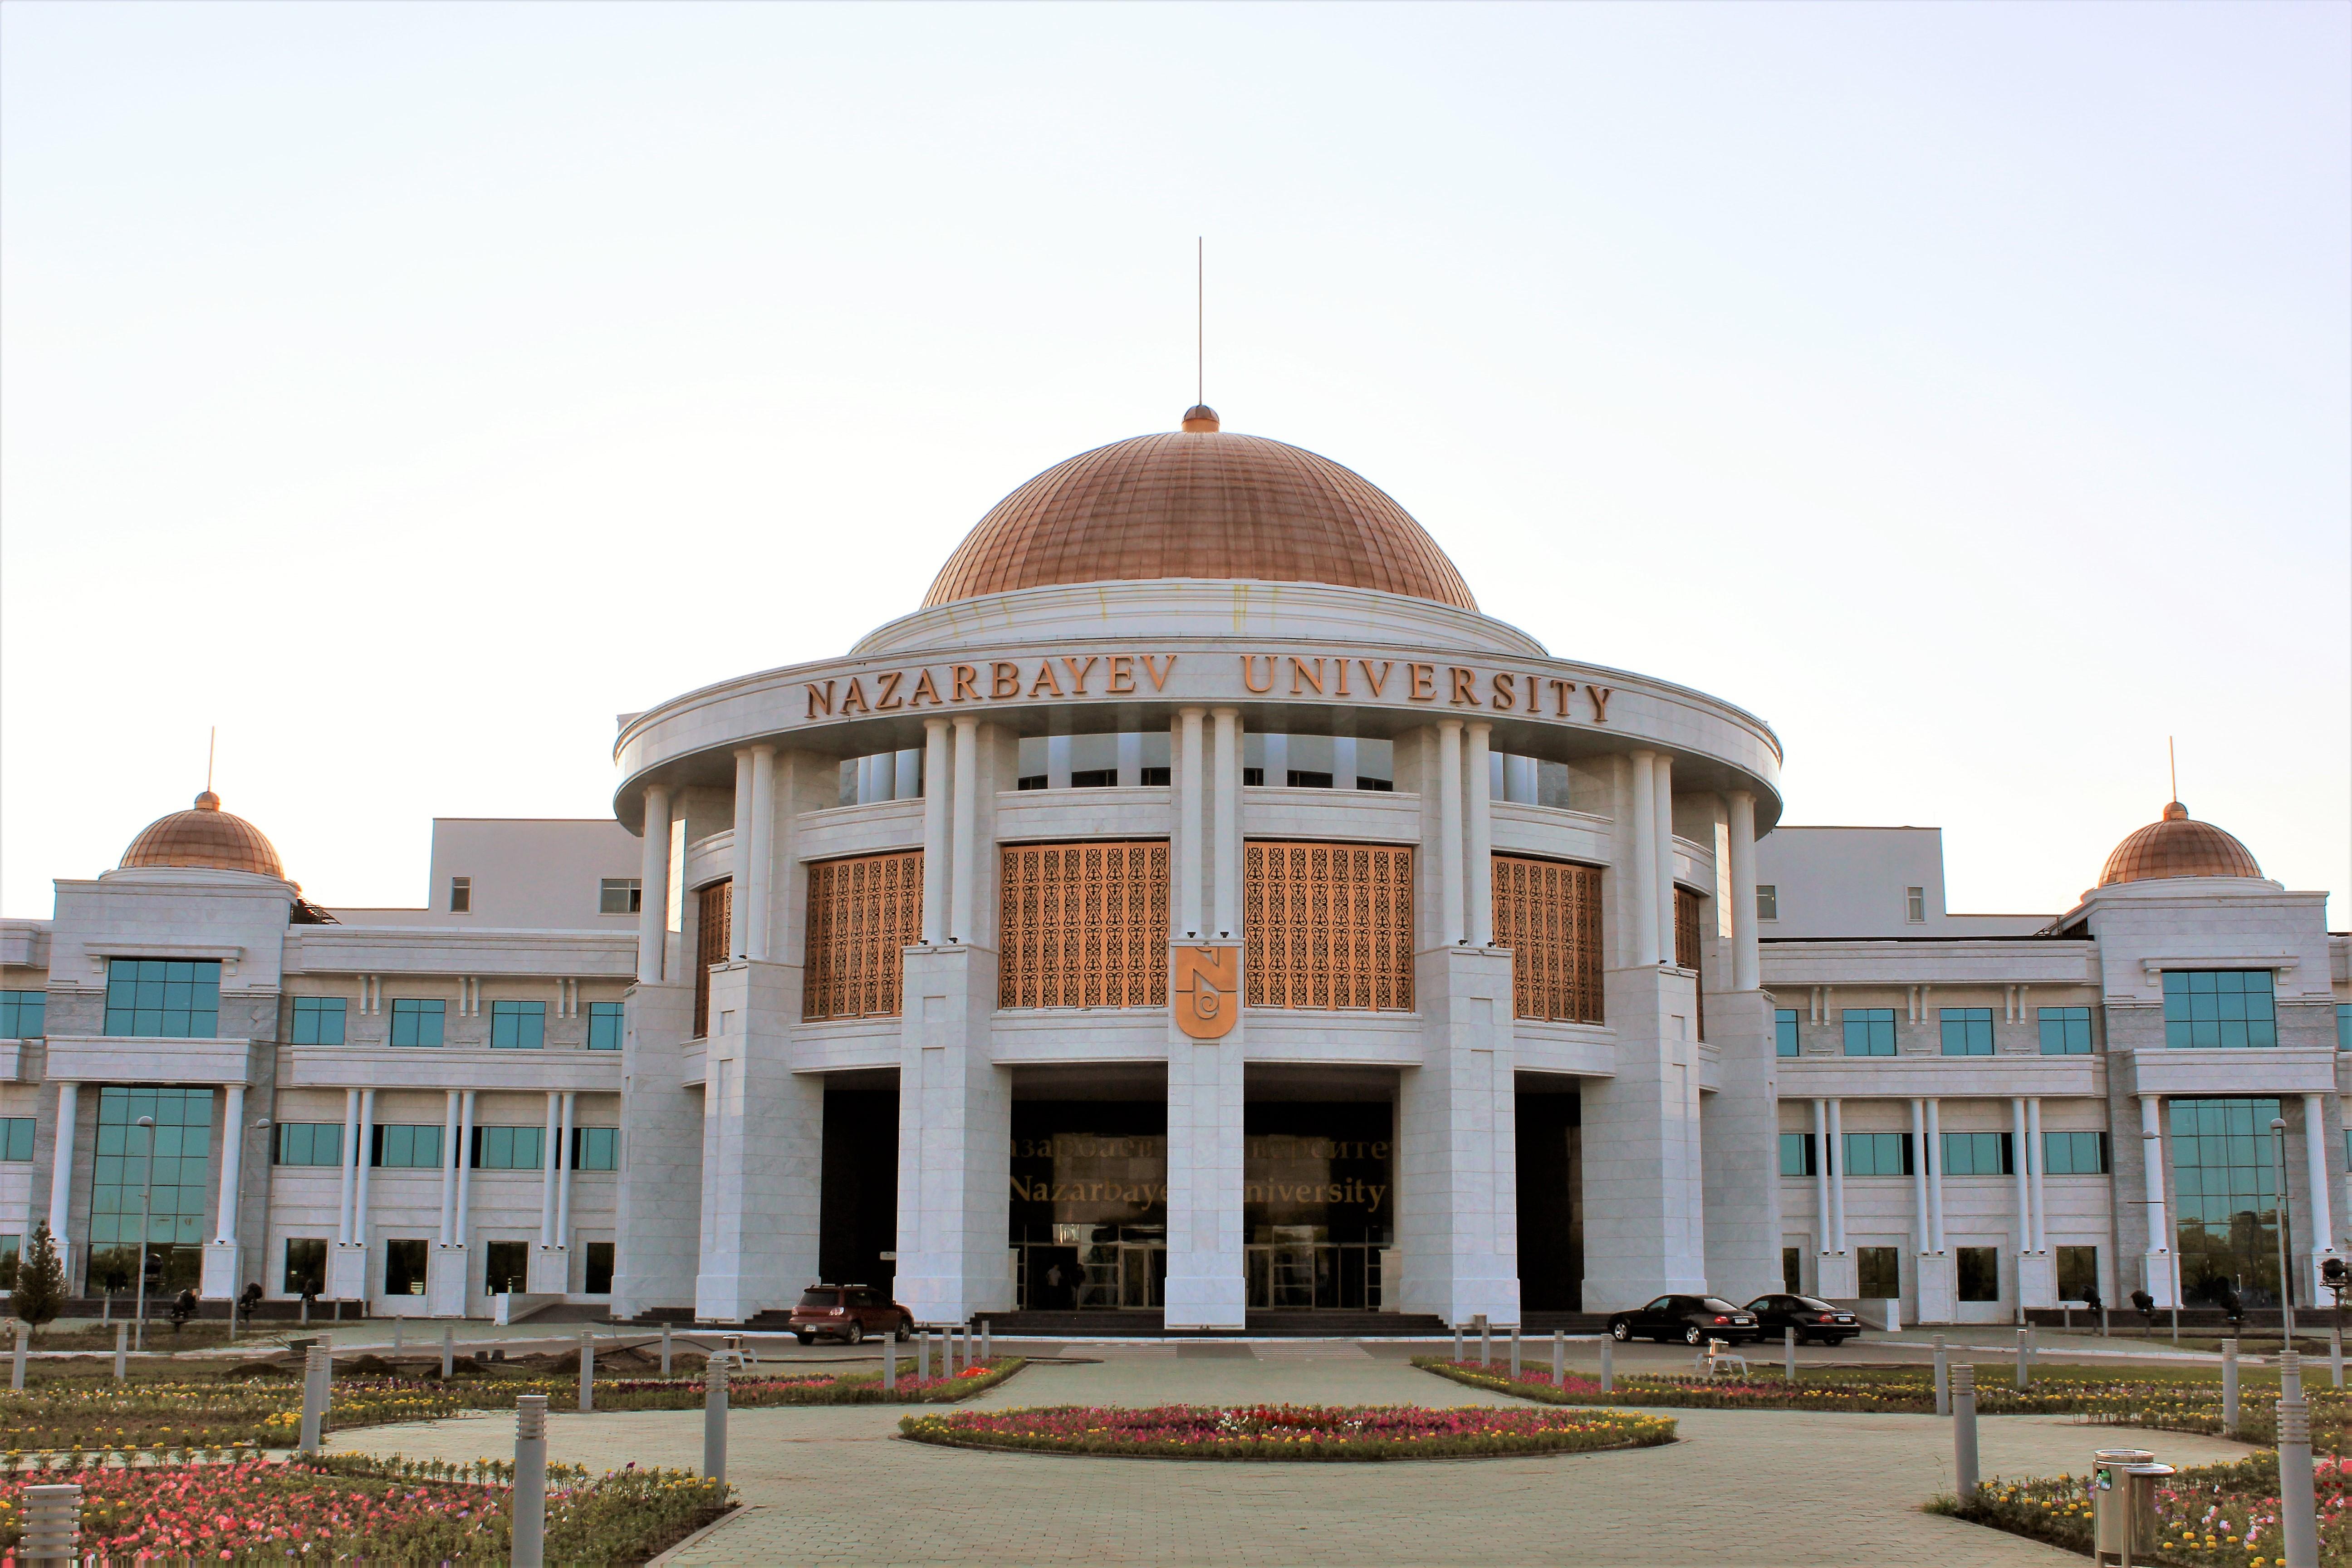 7%2f78%2fnazarbayev university